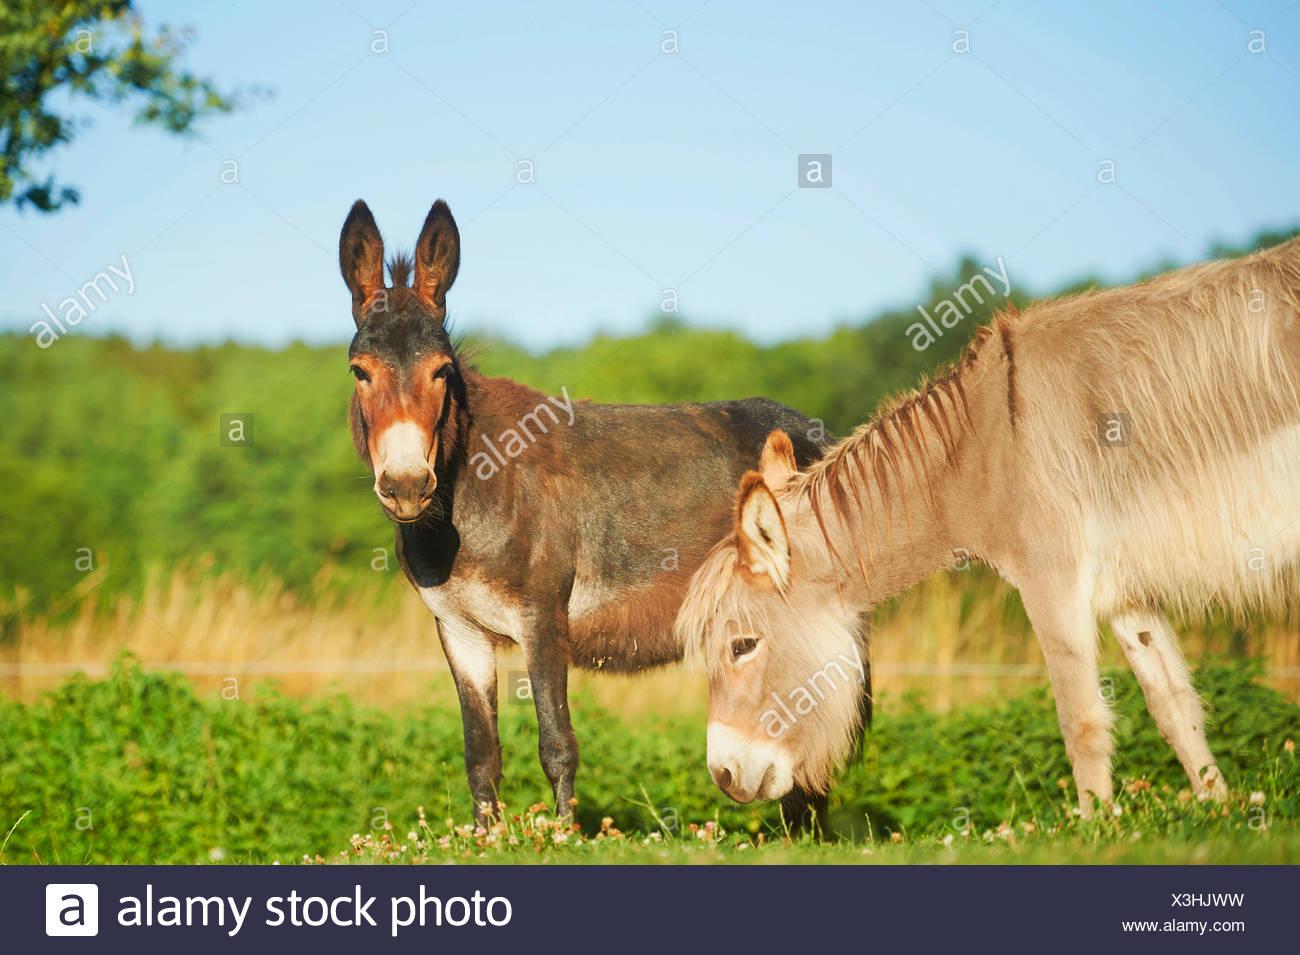 Inländische Esel (Equus Asinus Asinus), zwei Esel stehen zusammen auf einer Wiese, Deutschland Stockfoto